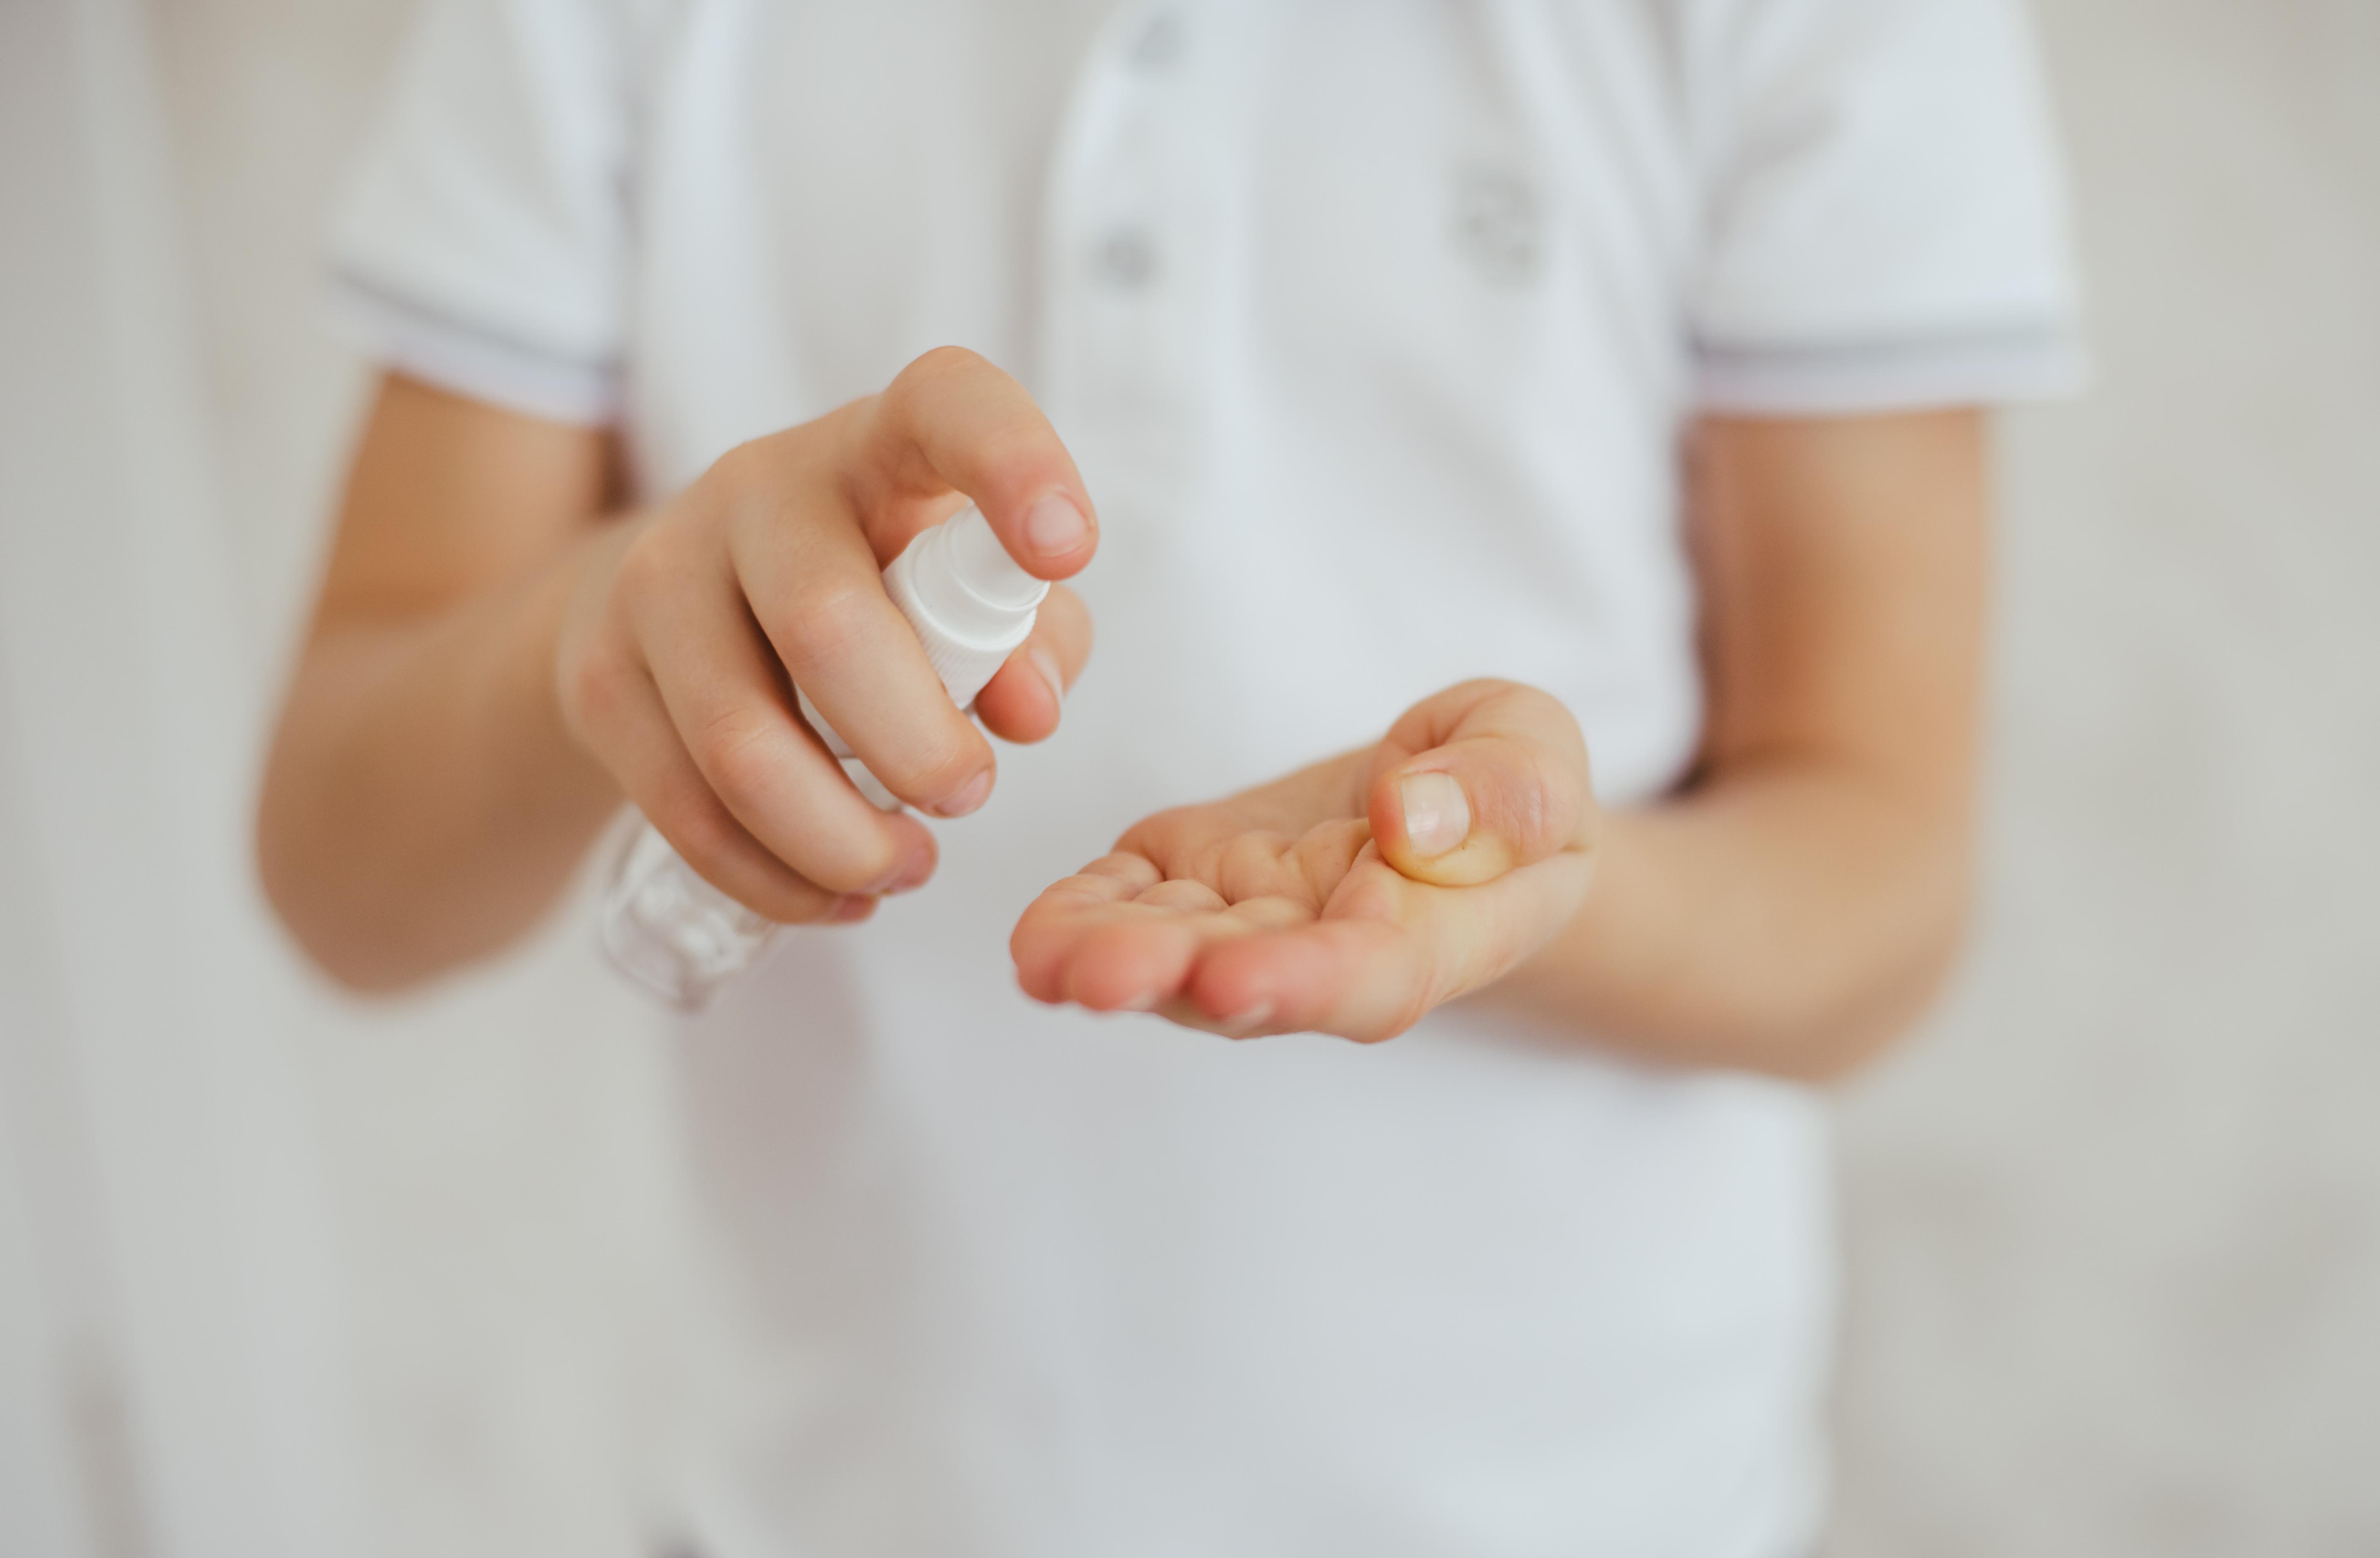 Dezinfectantul pentru mâini, pe bază de alcool, un pericol pentru cei mici. Ce trebuie să știe părinții